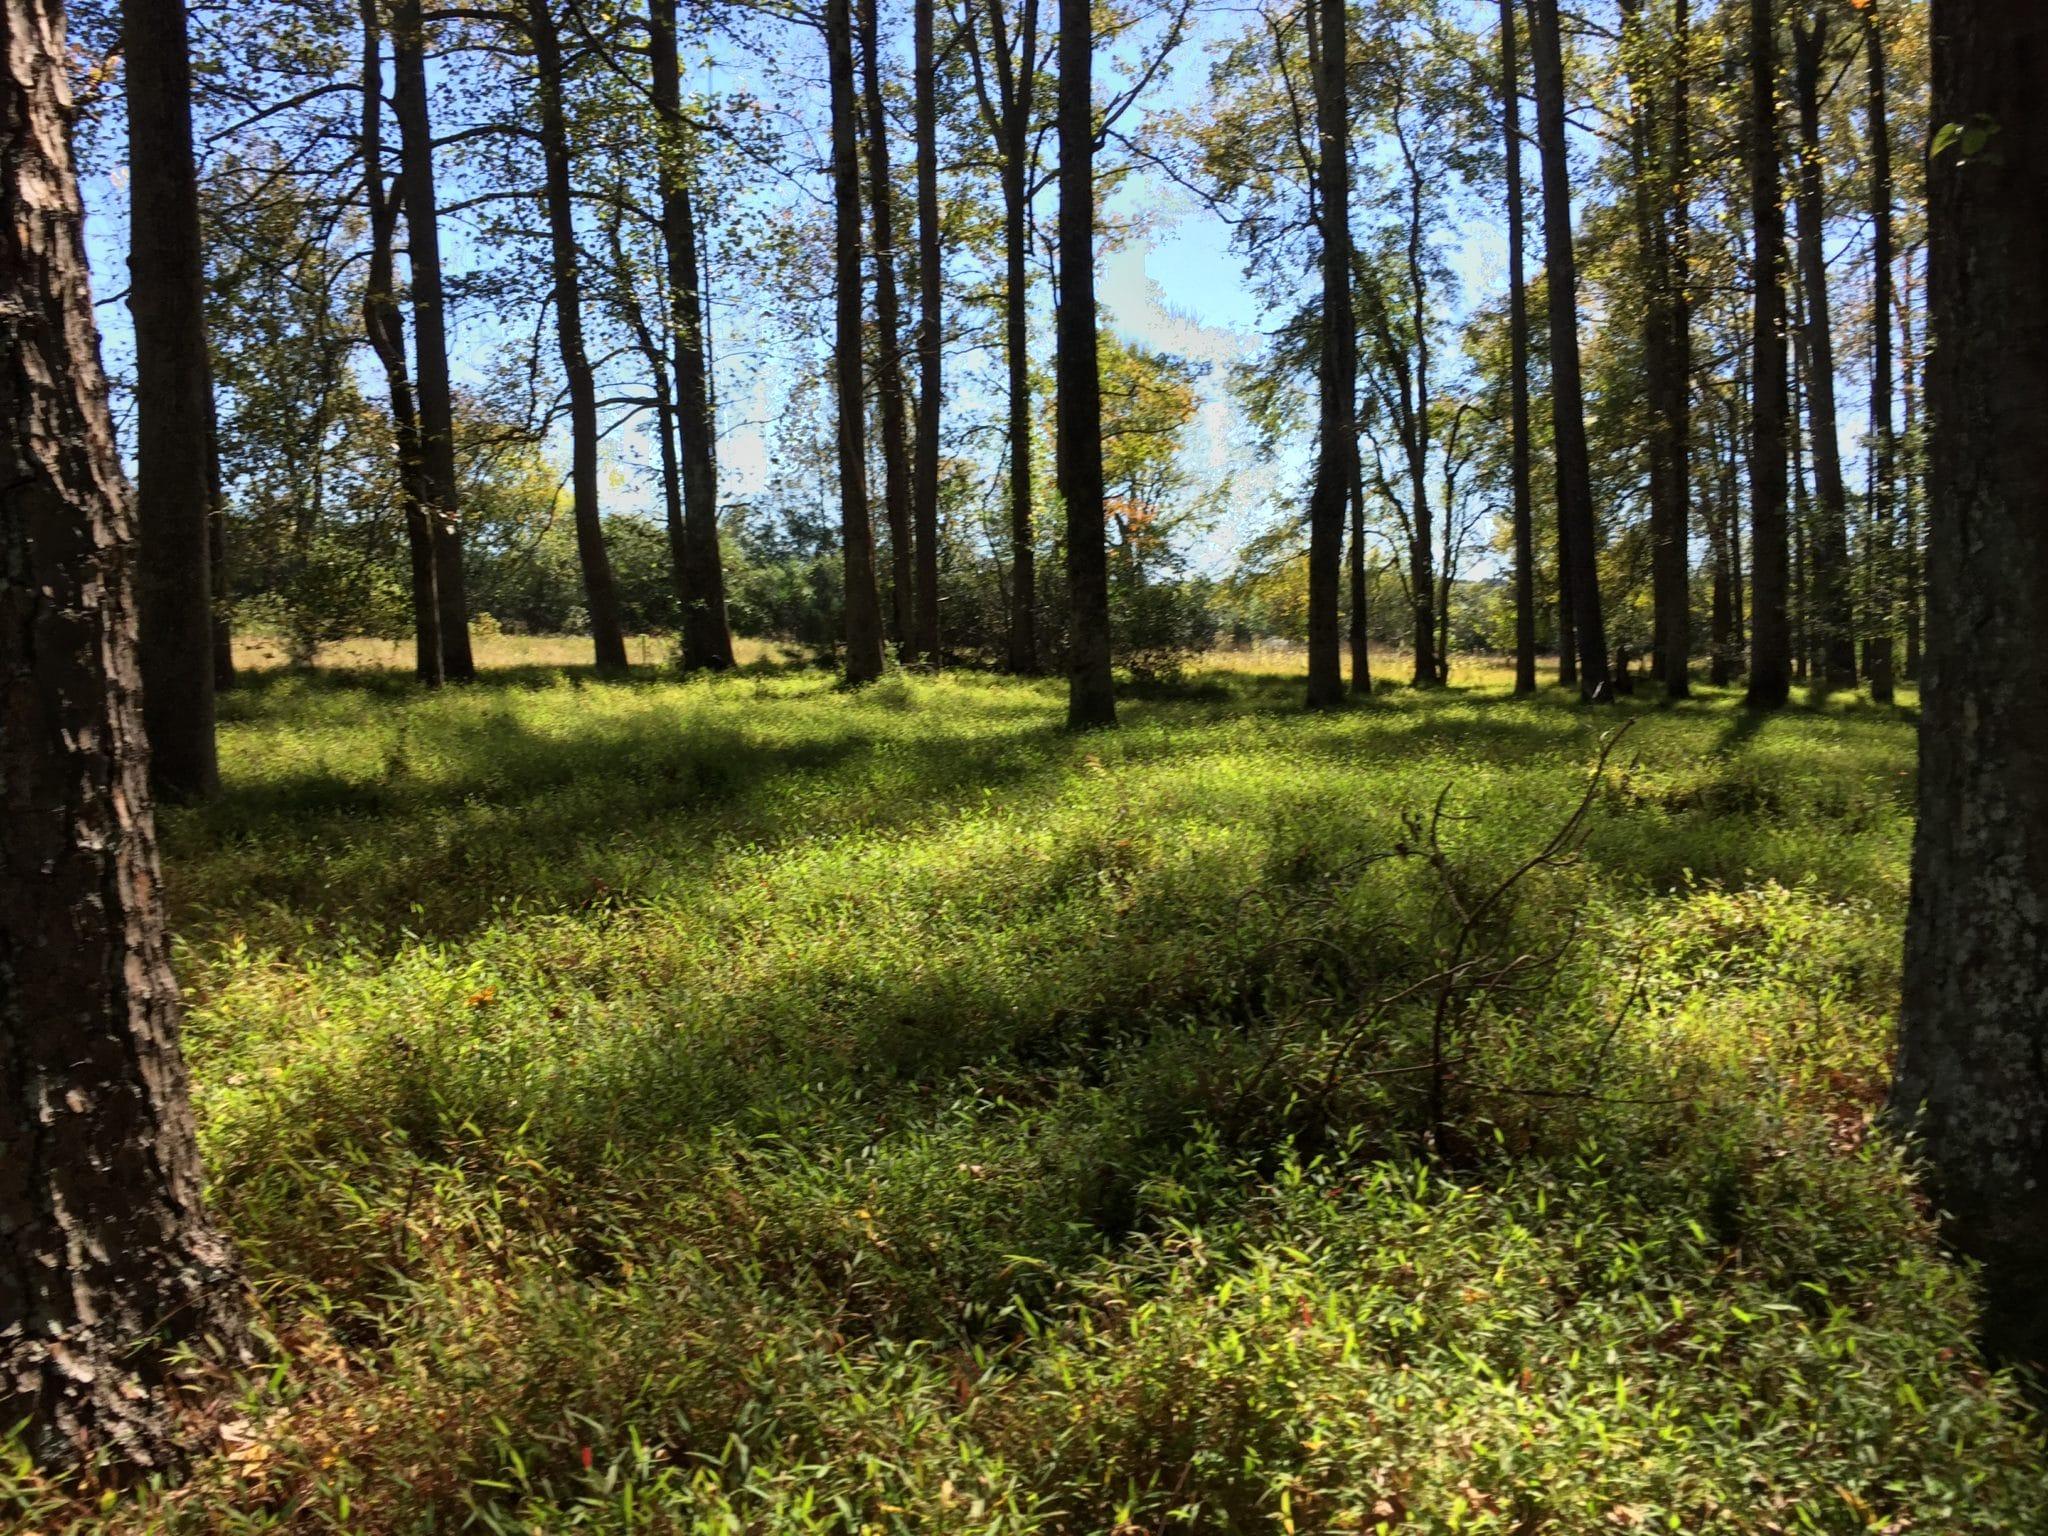 Cauley Creek Woods